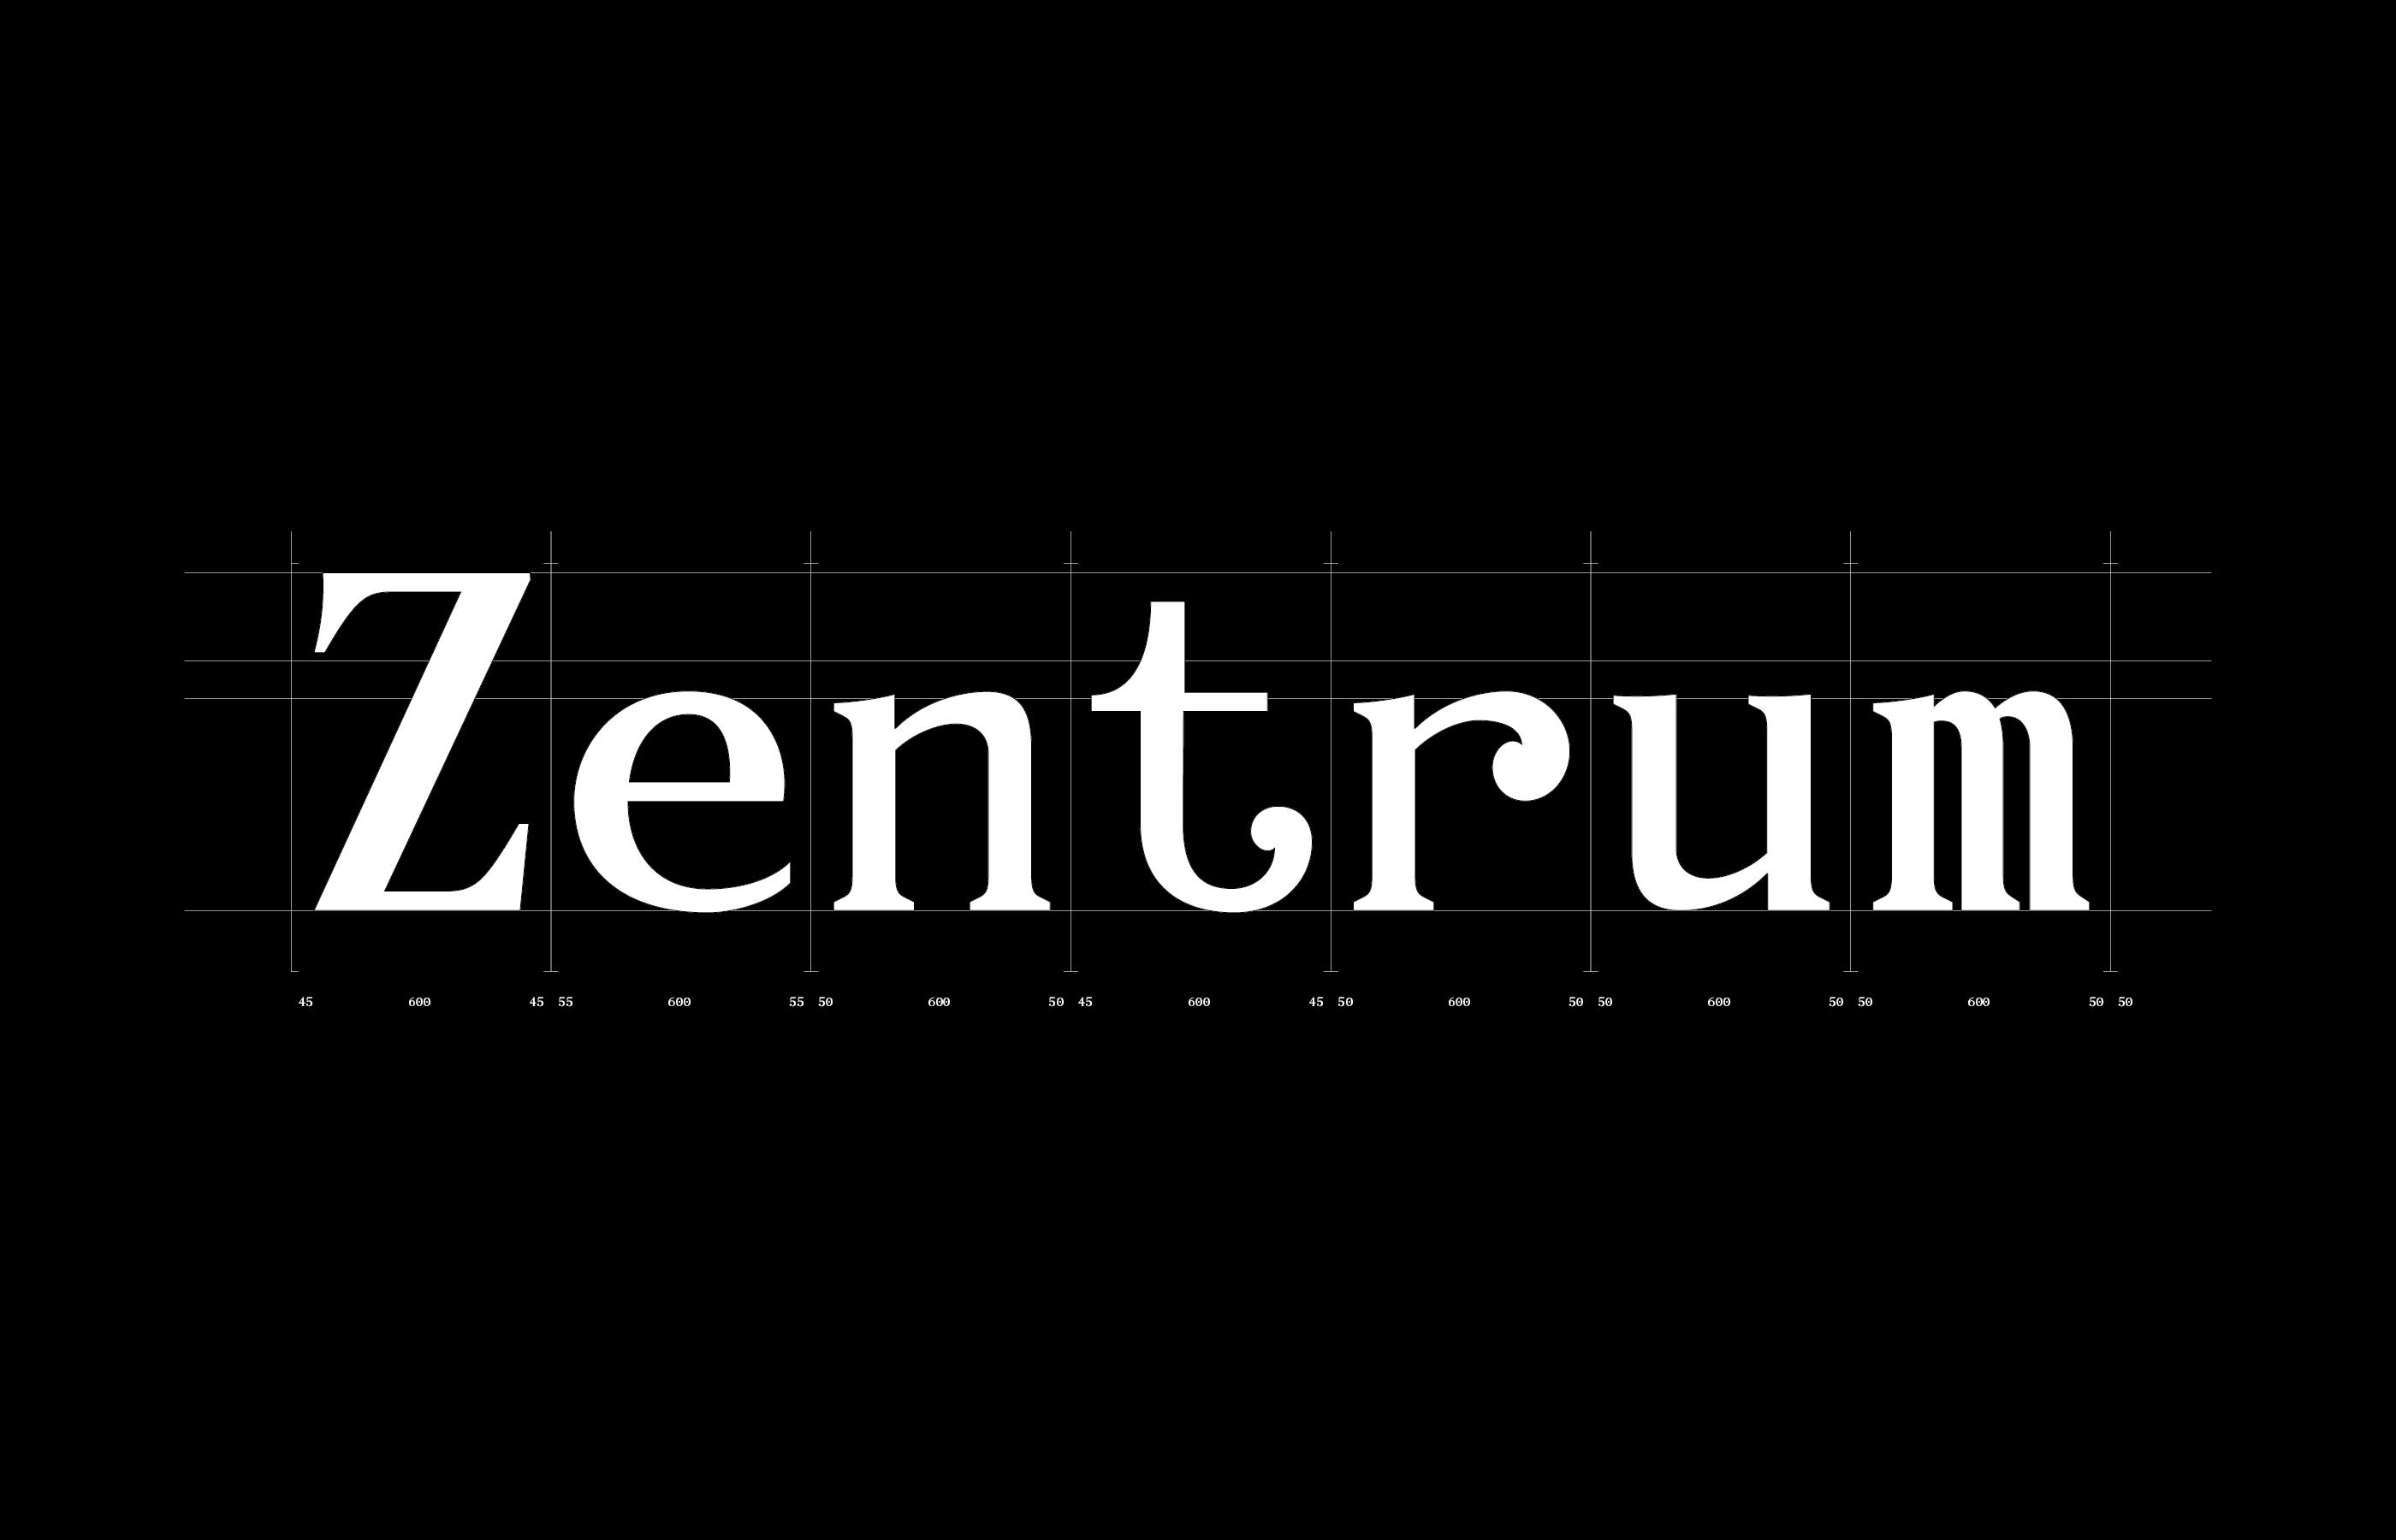 Zentrum_Behance-02